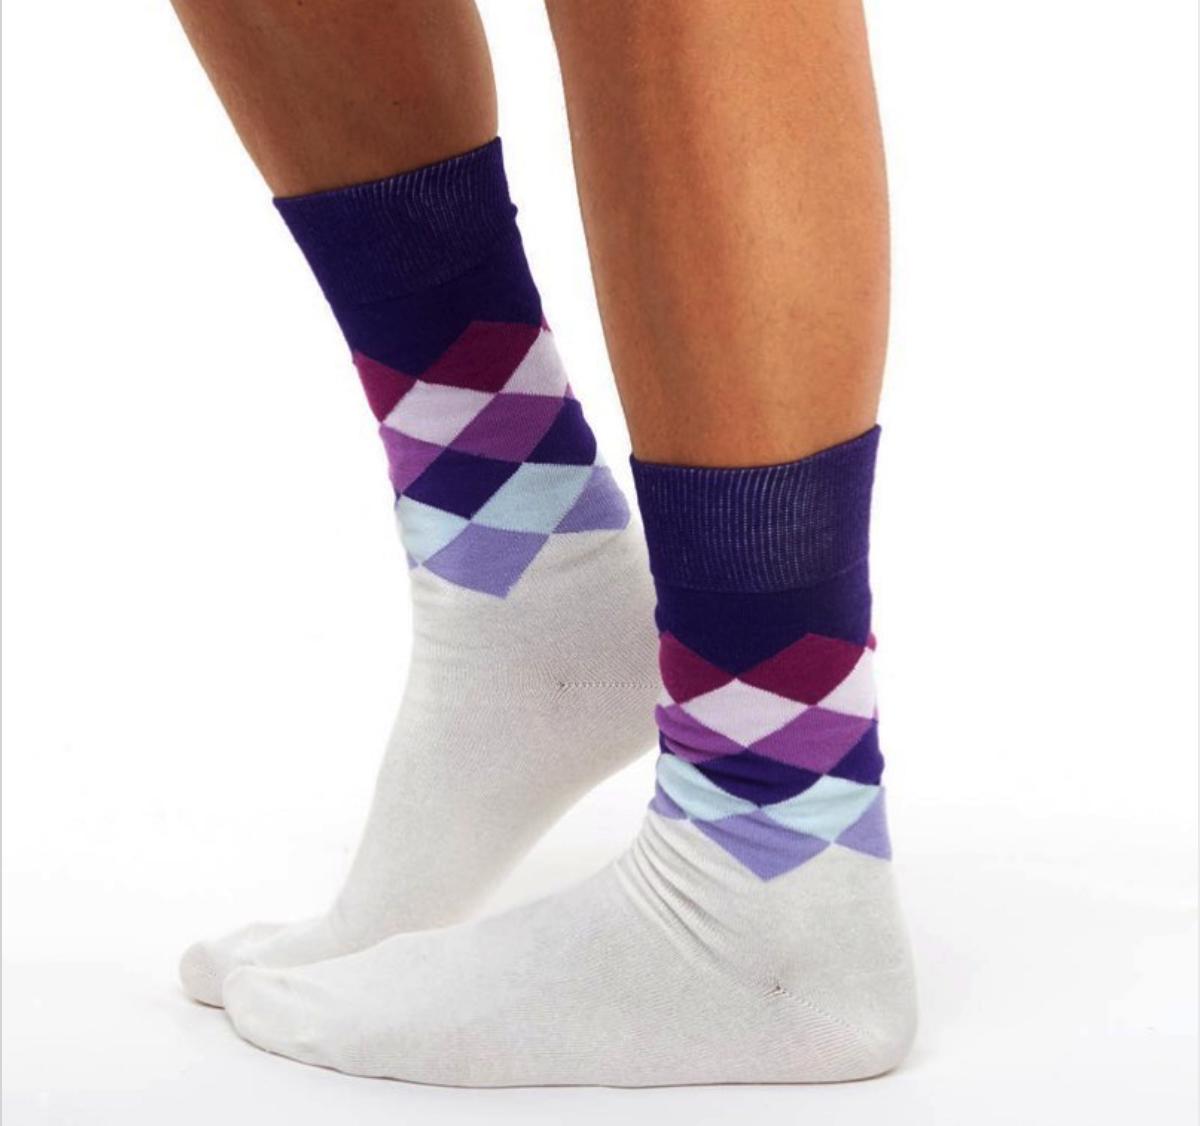 Chusette Violet Patterned Socks Size 43-46